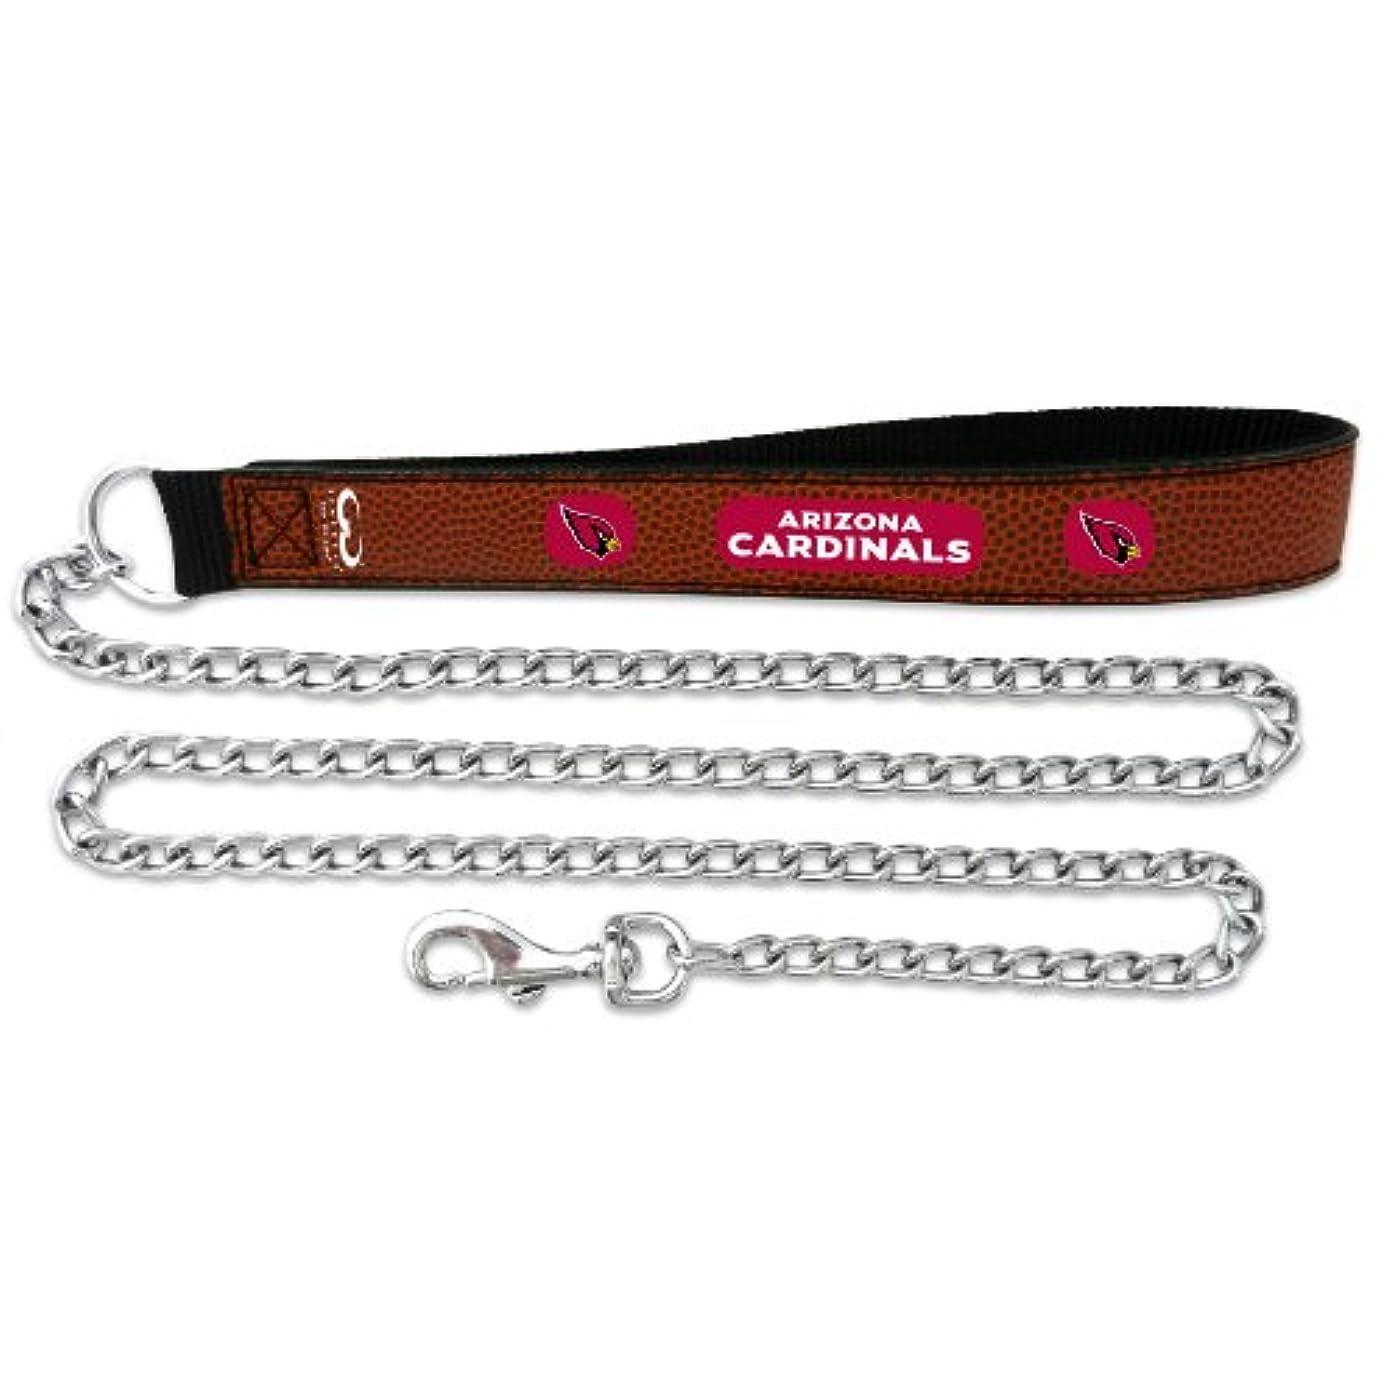 先住民対処する静かなArizona Cardinals Football Leather 2.5mm Chain Leash - M